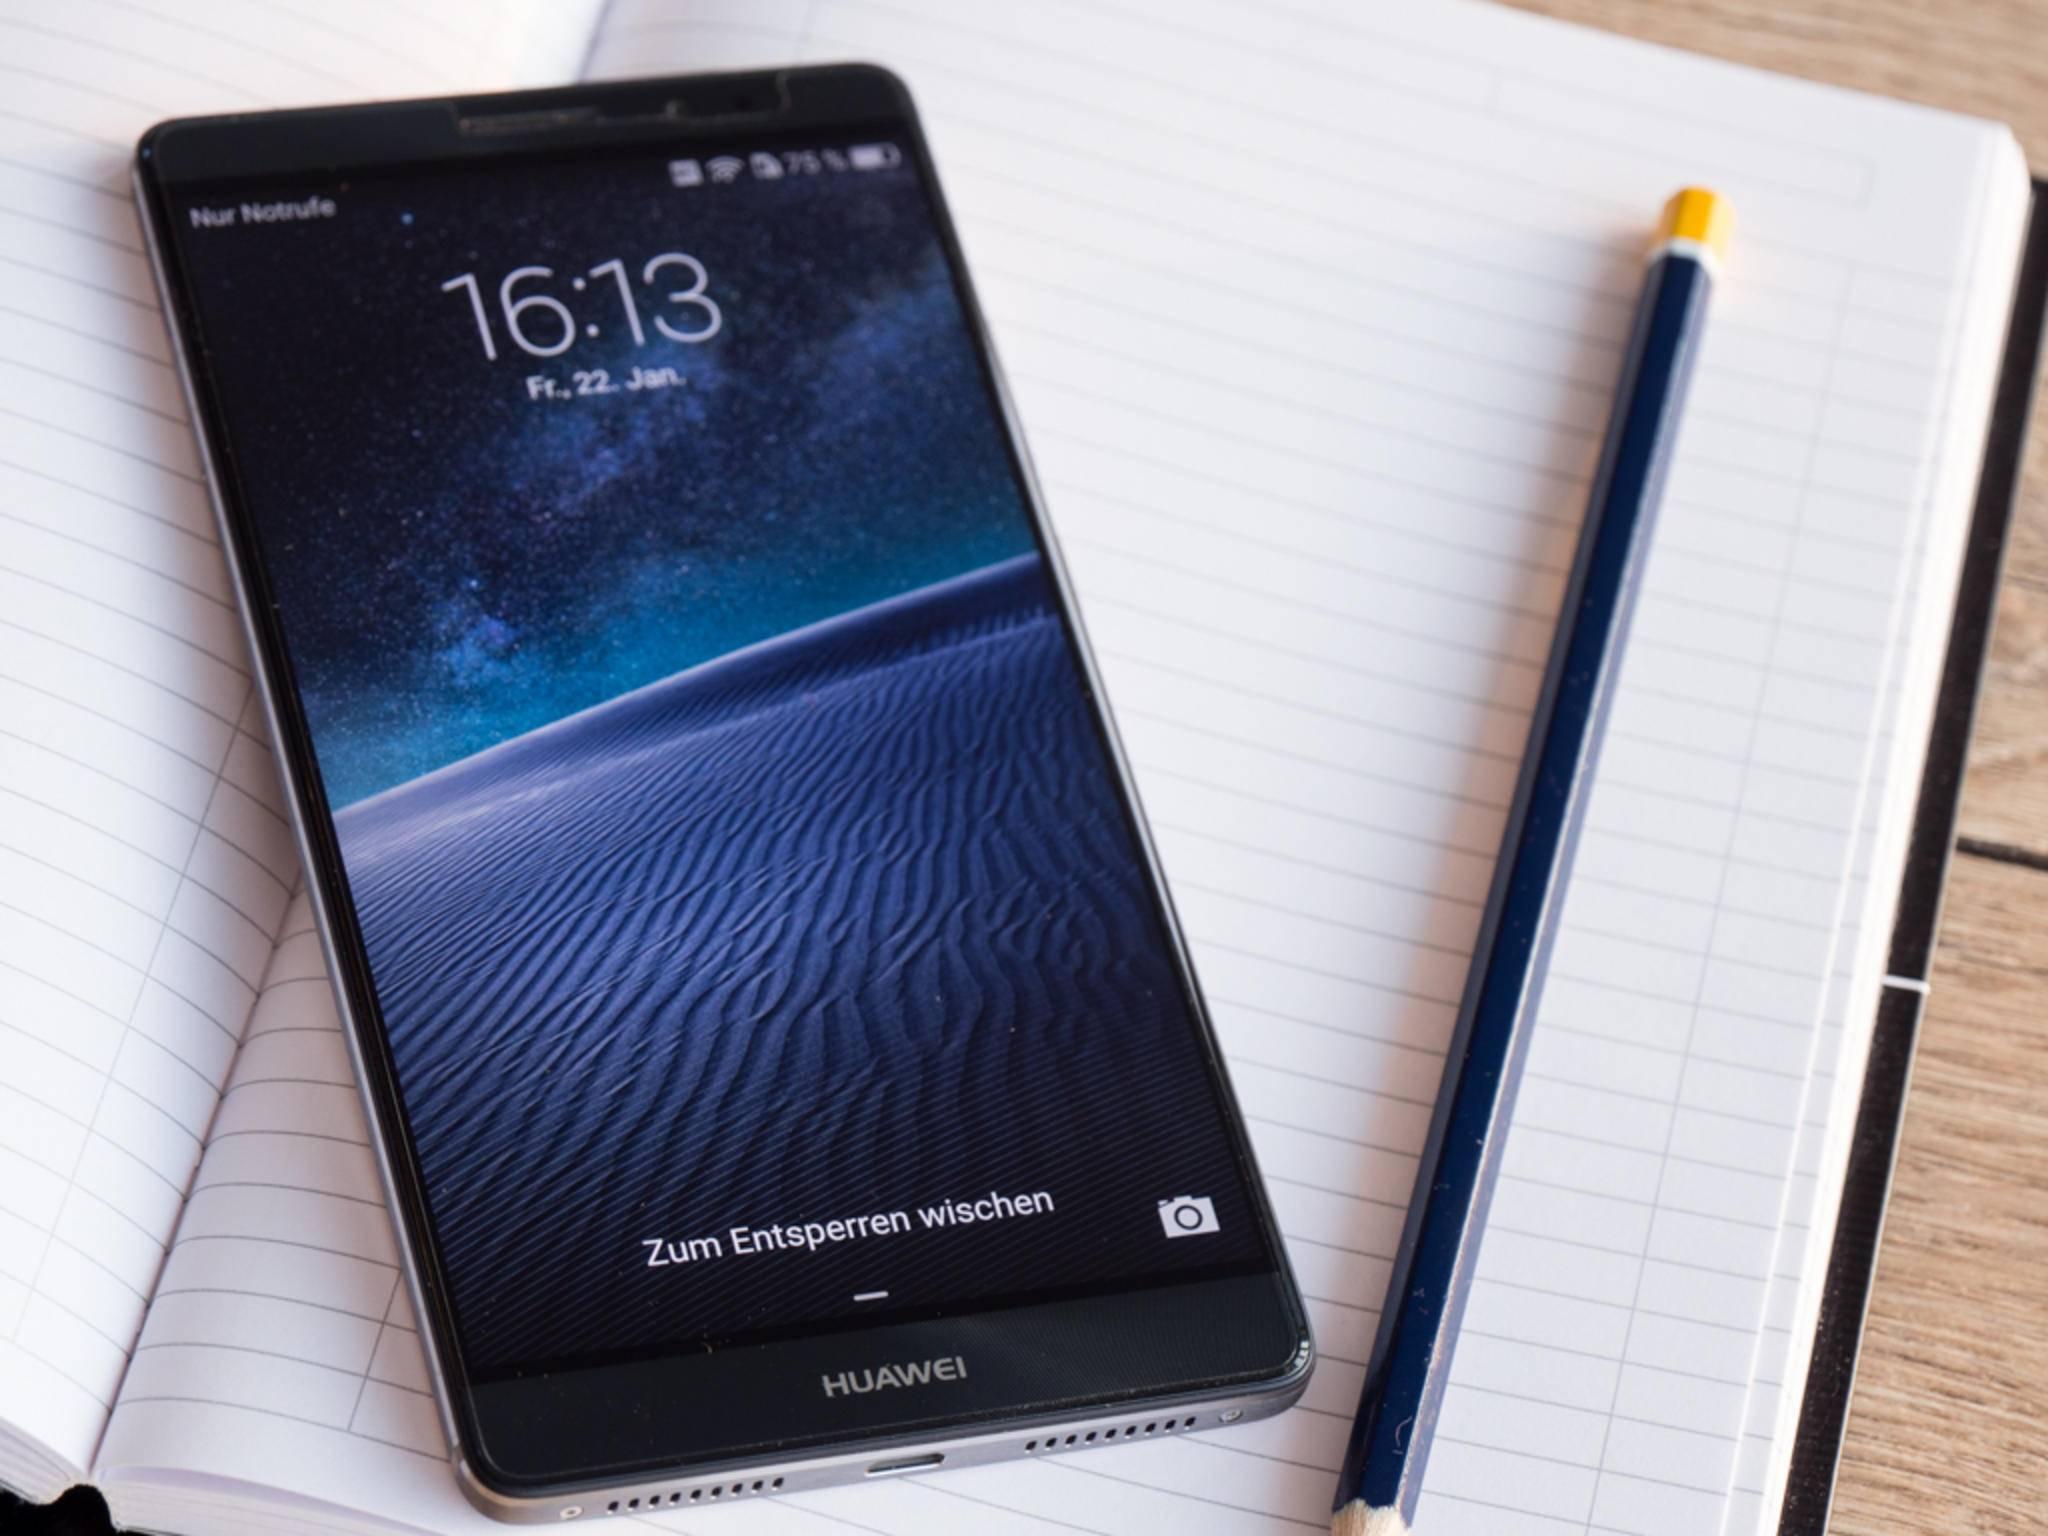 Der Nachfolger vom Huawei Mate 8 soll im vierten Quartal erscheinen.